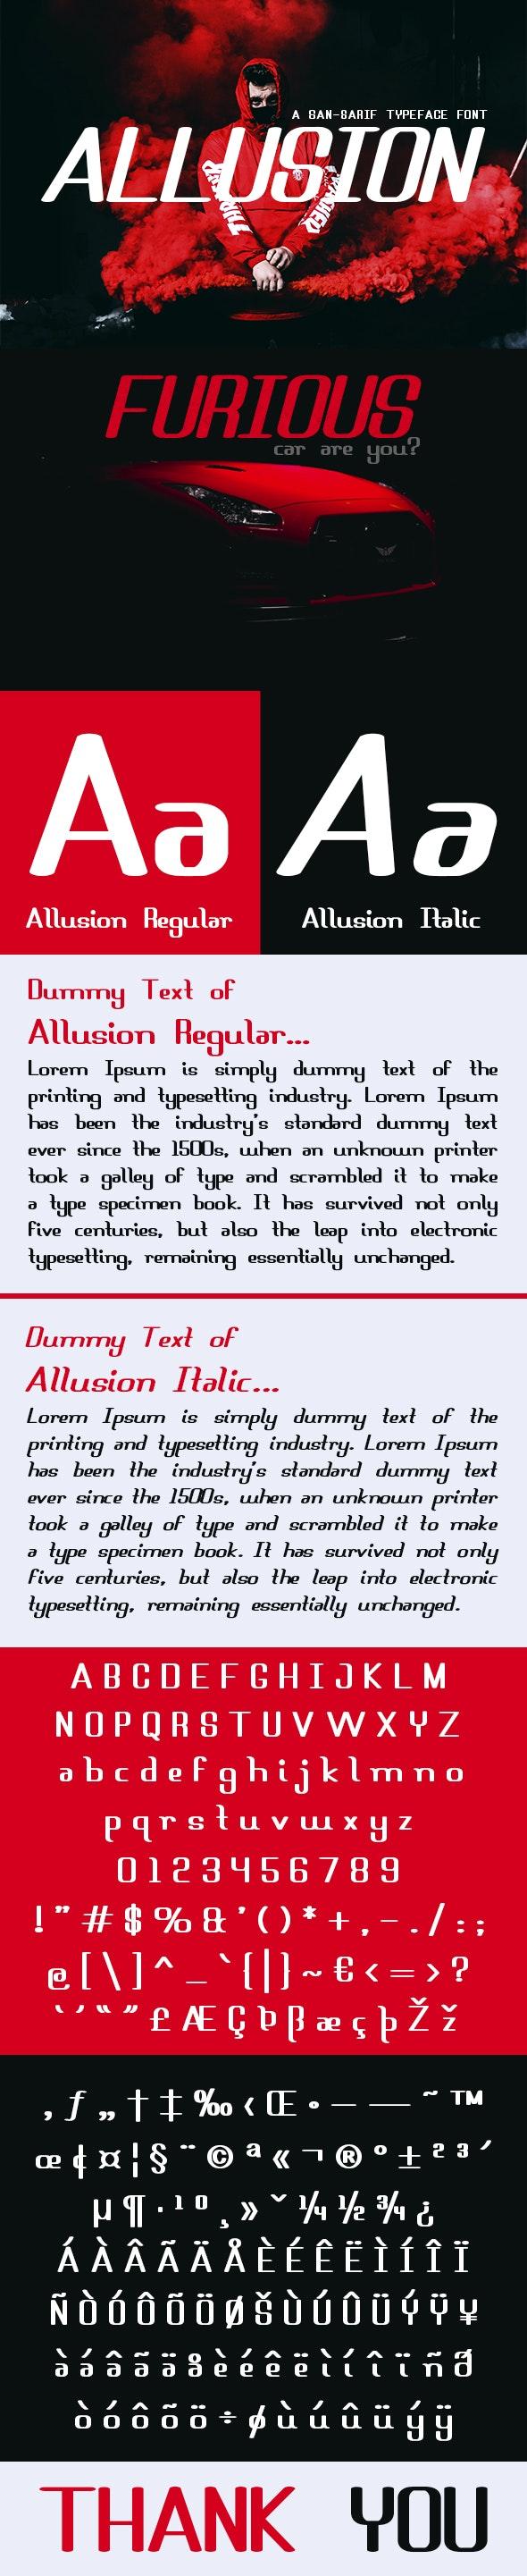 Allusion Font - Fonts